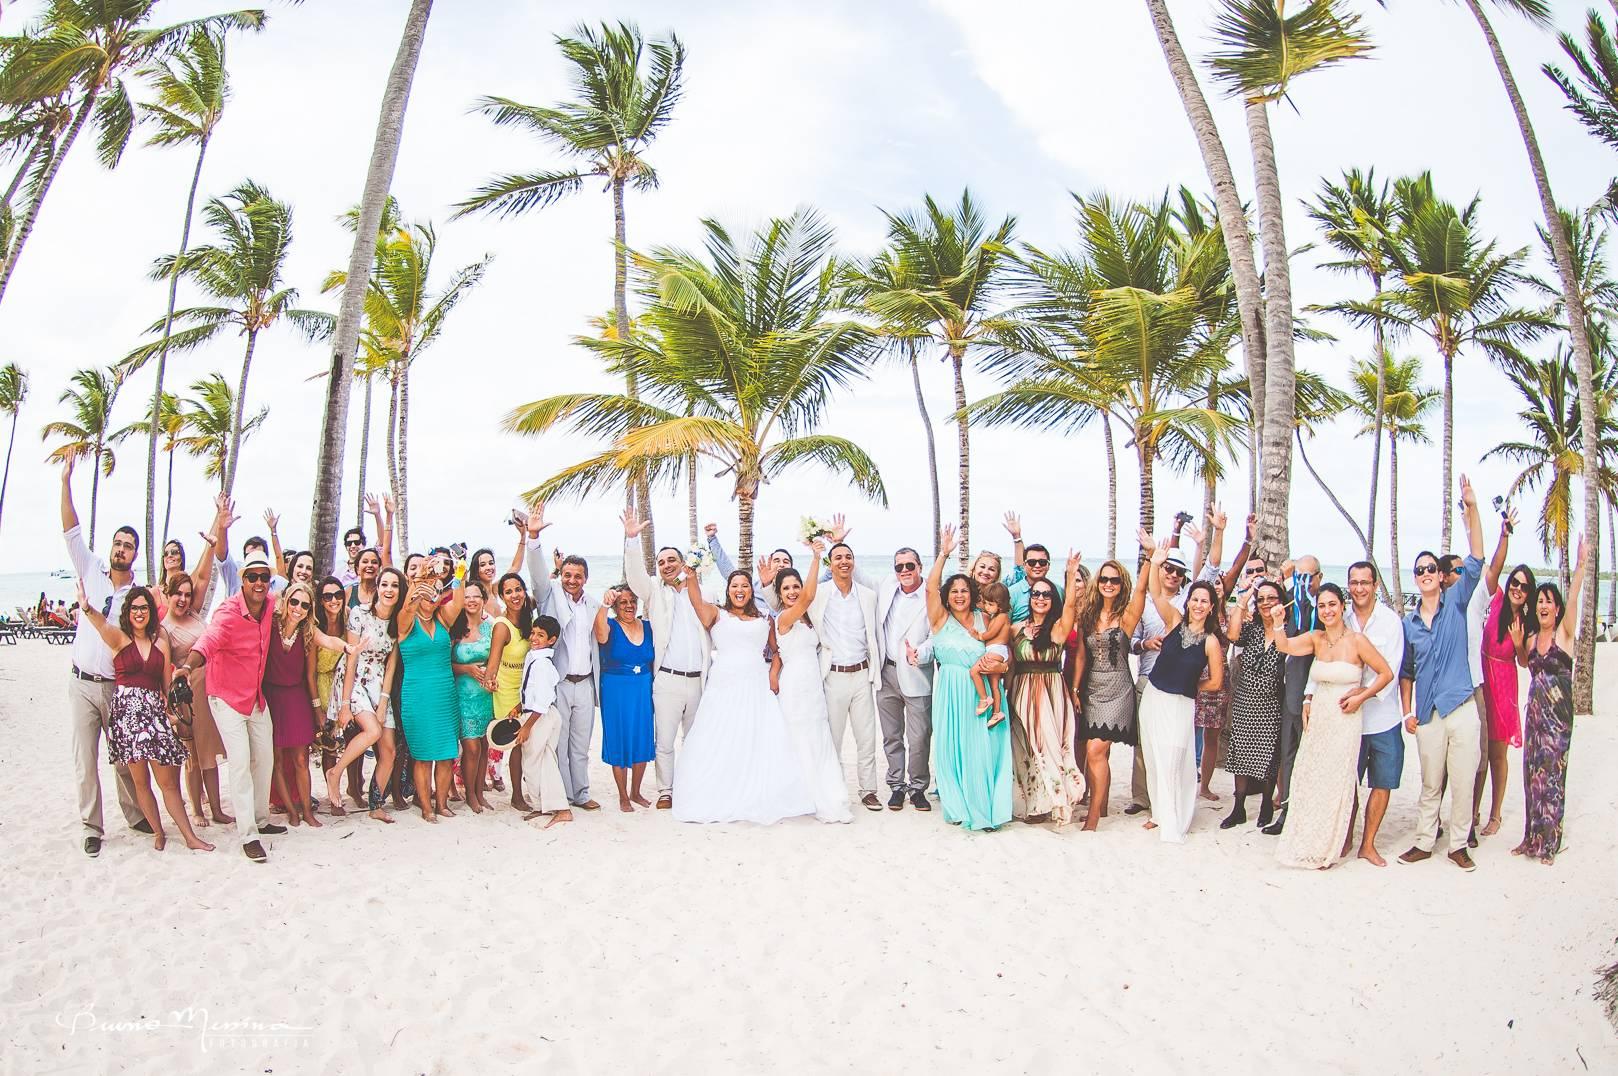 Casamento-em-Punta-Cana-27